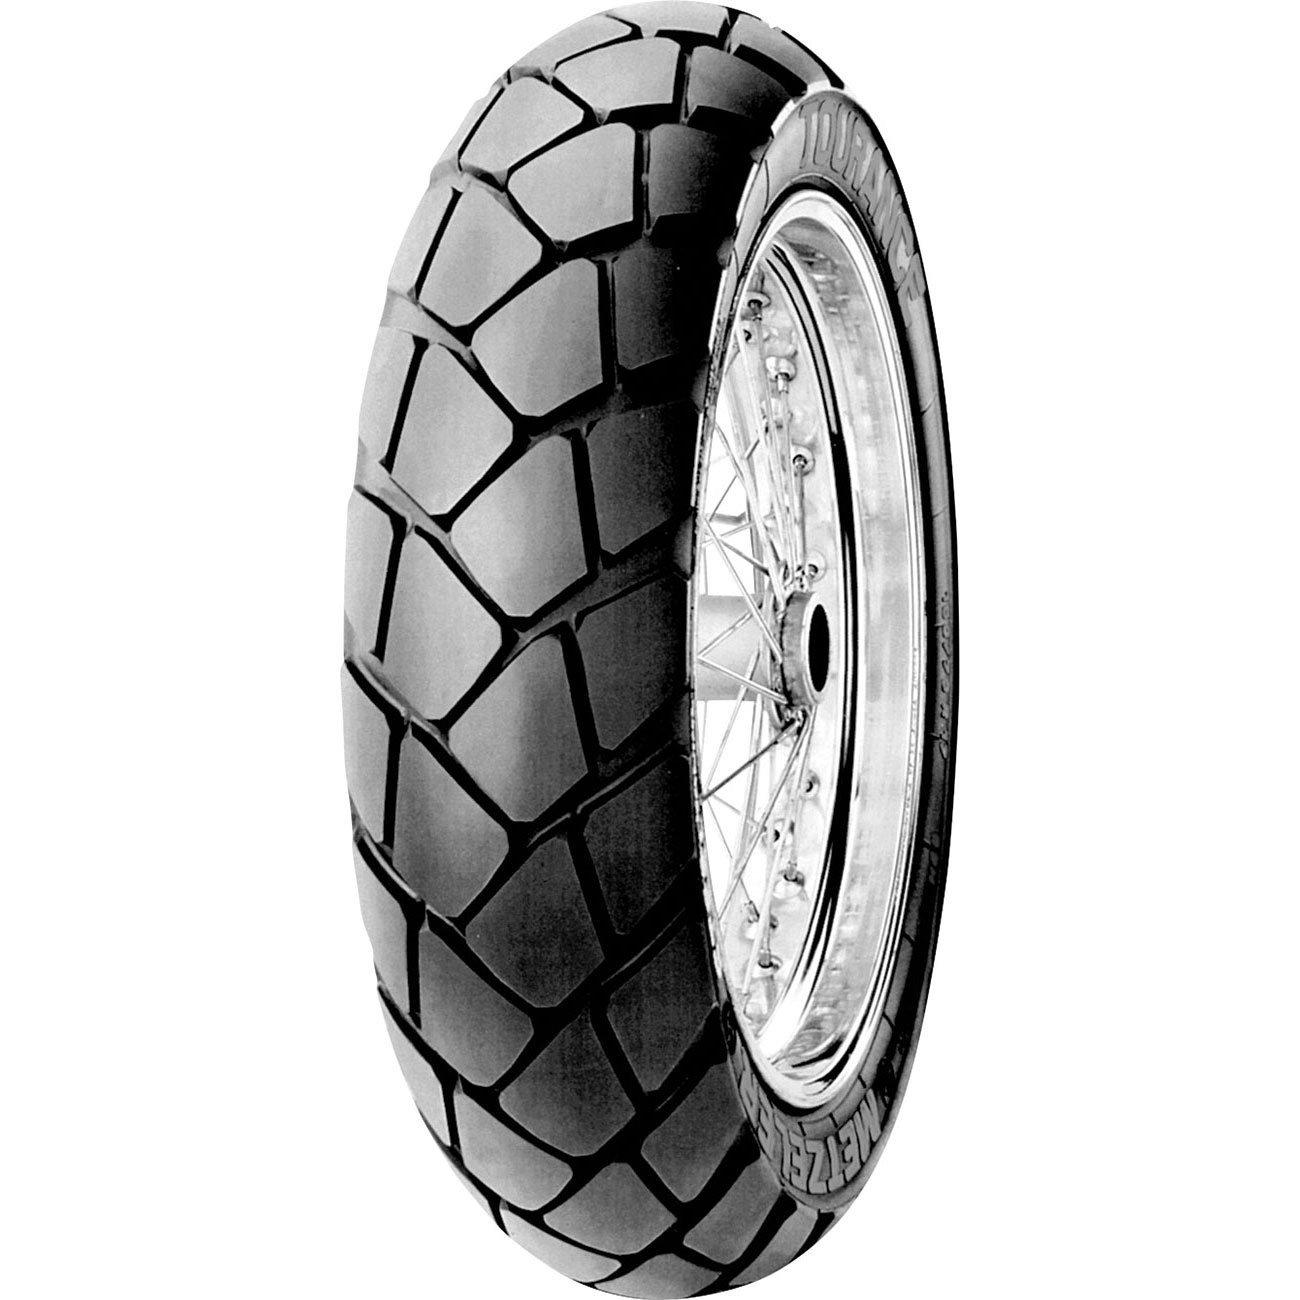 Metzeler Tourance 150/70R17 Rear Tire 1127900